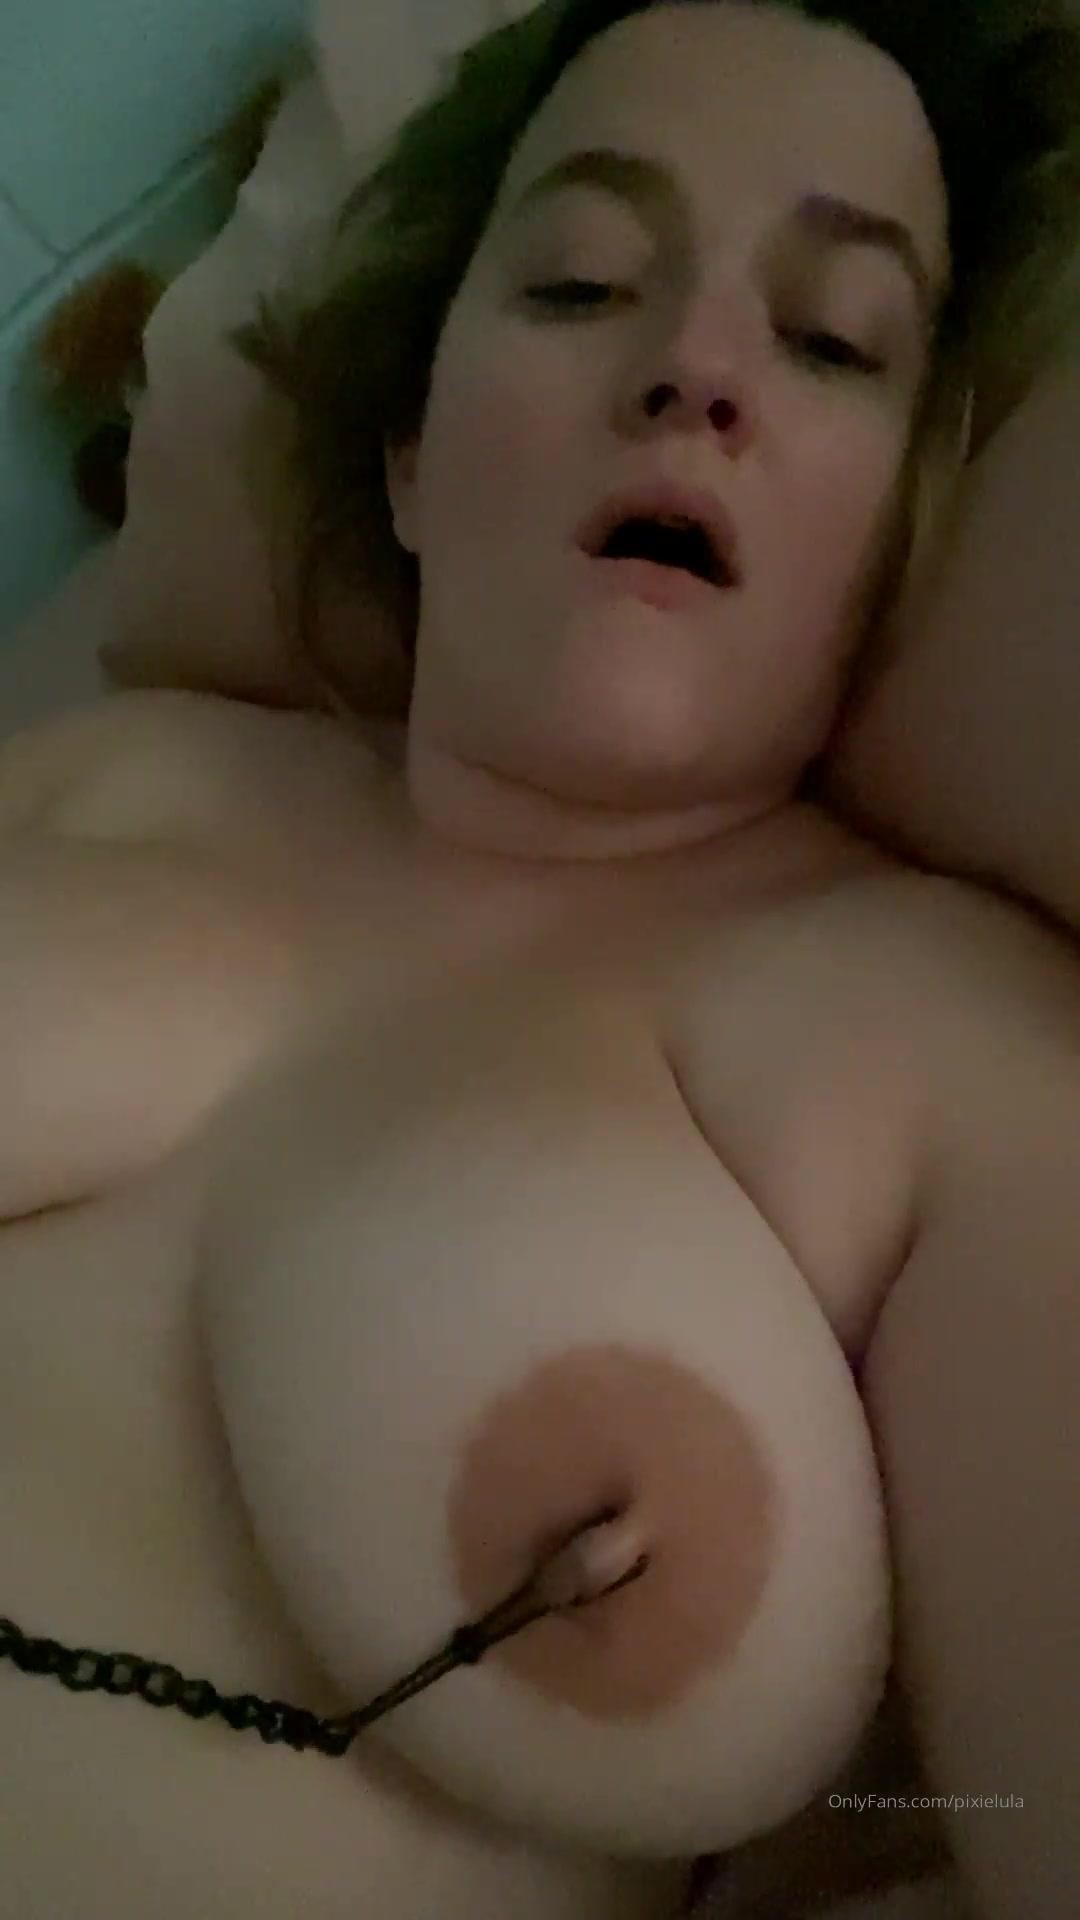 Pixielula Nude